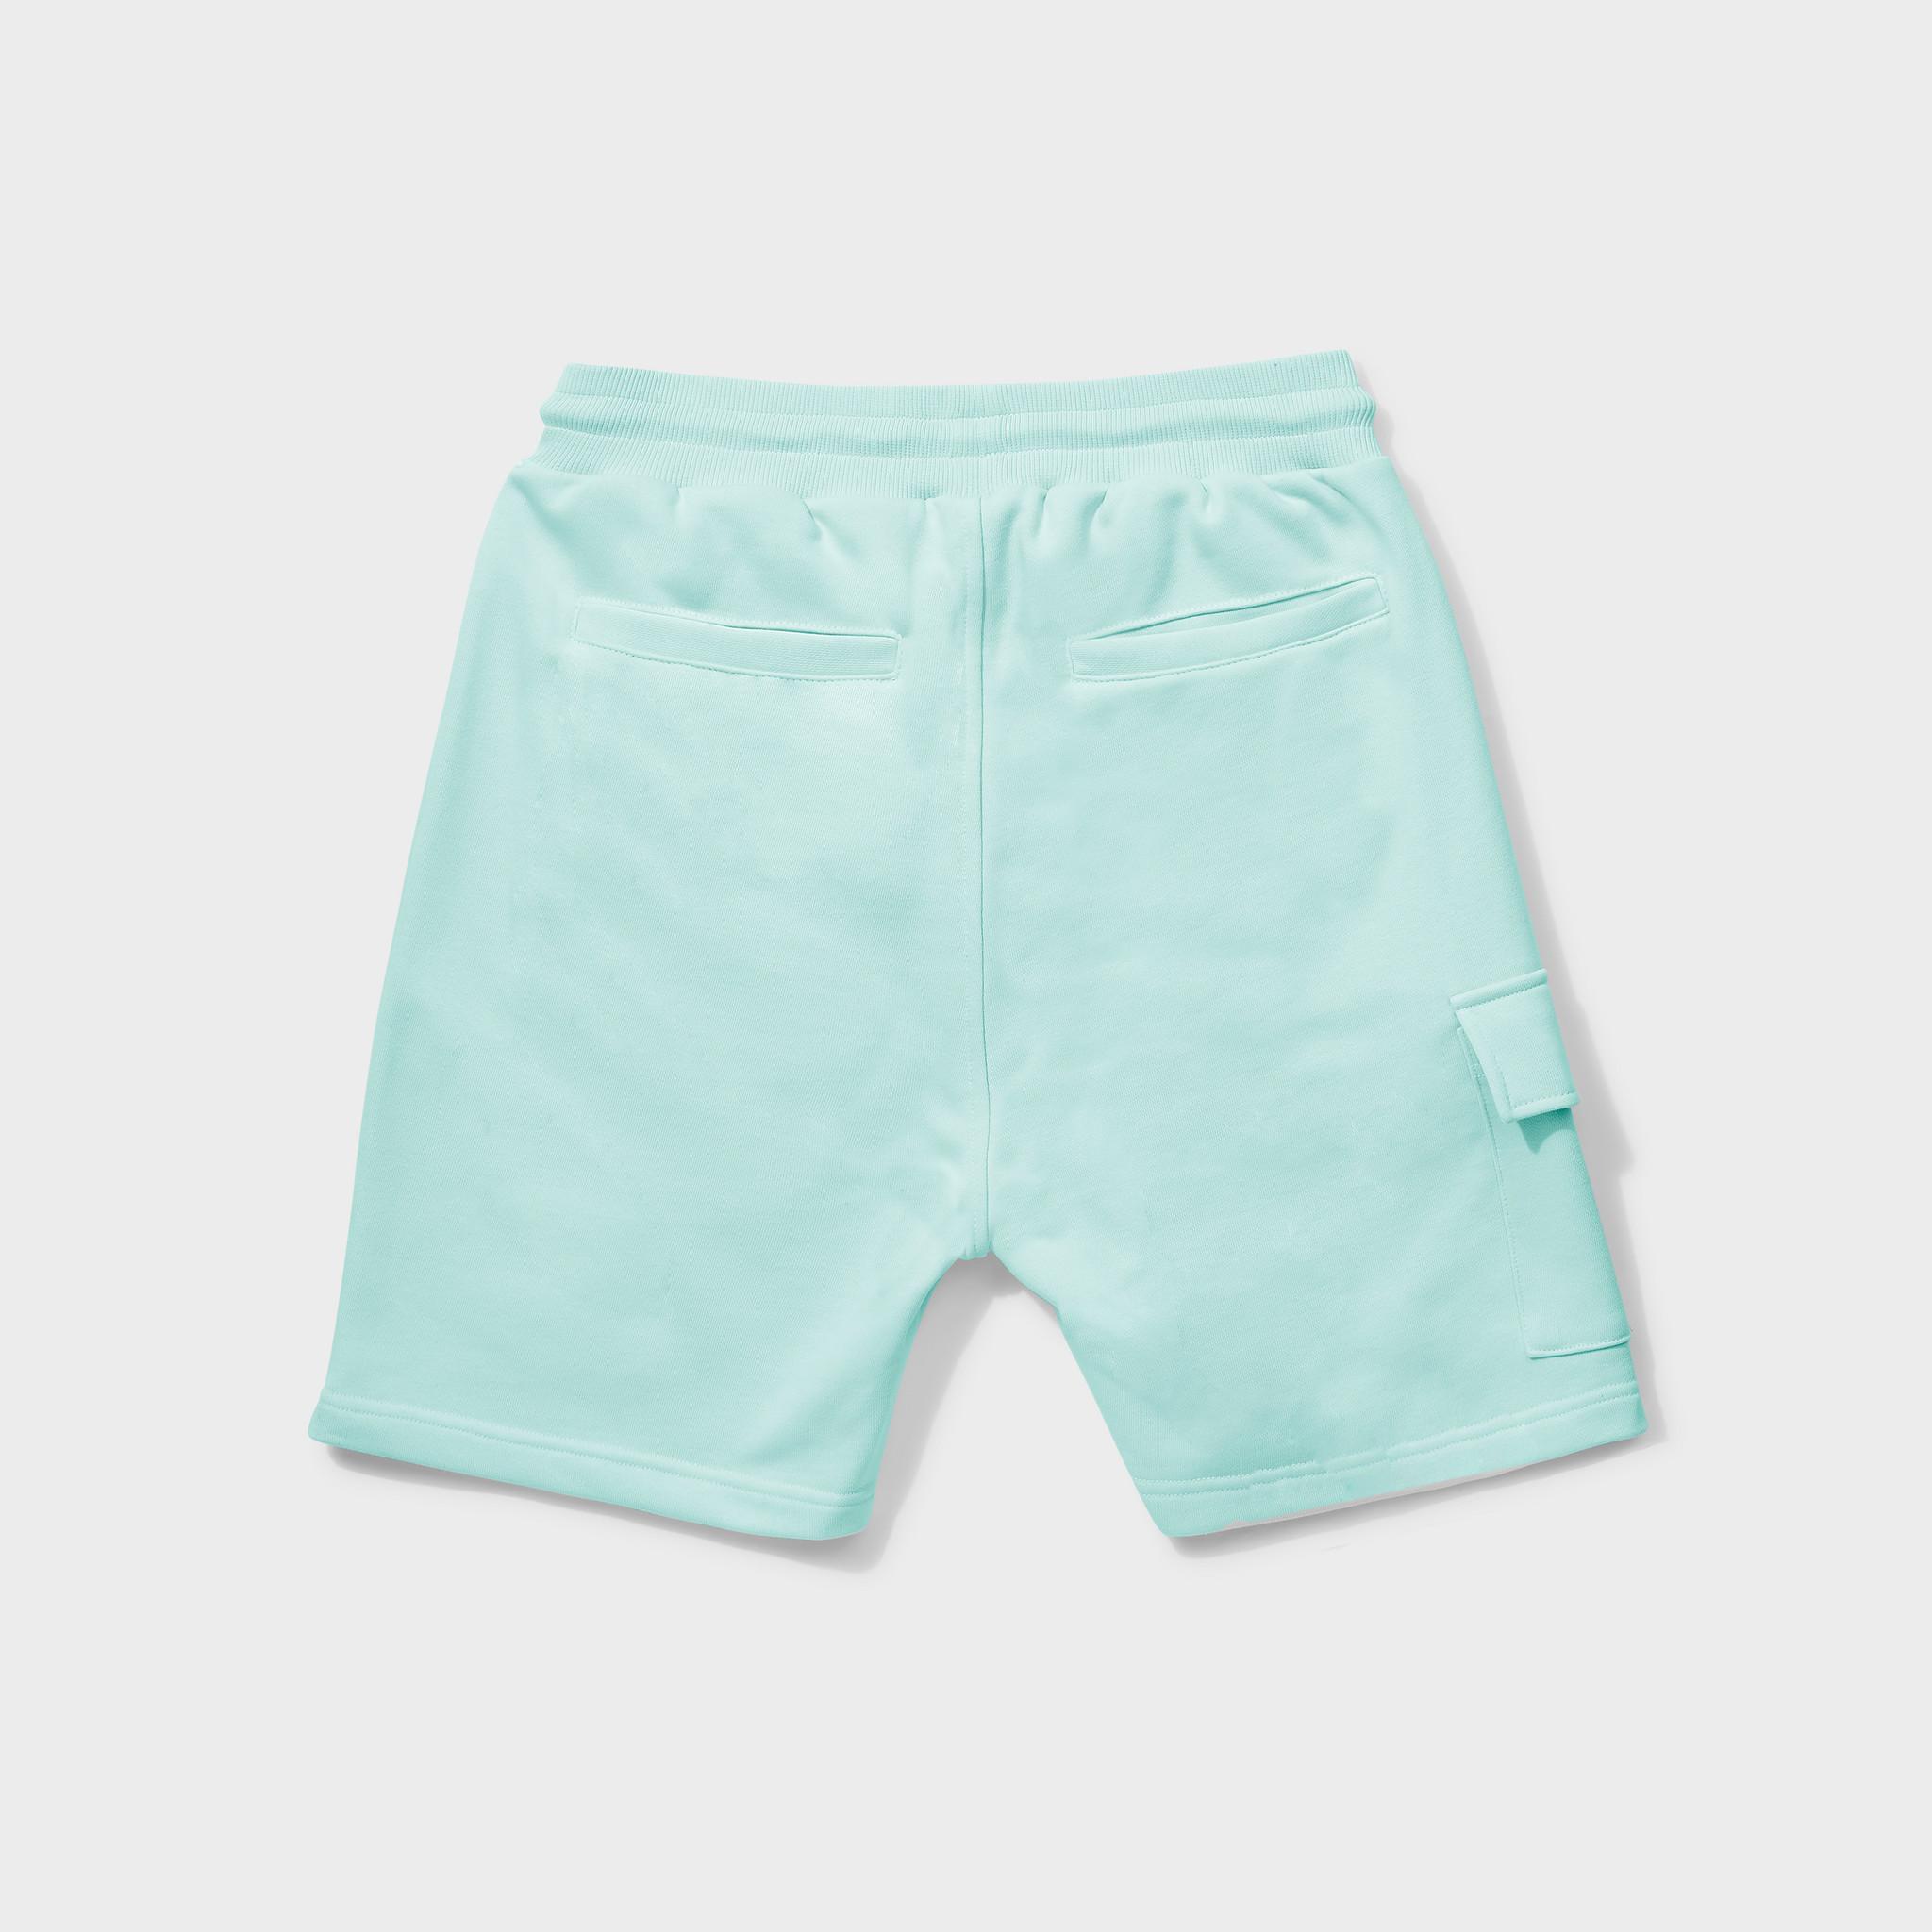 Travis shorts mint-2